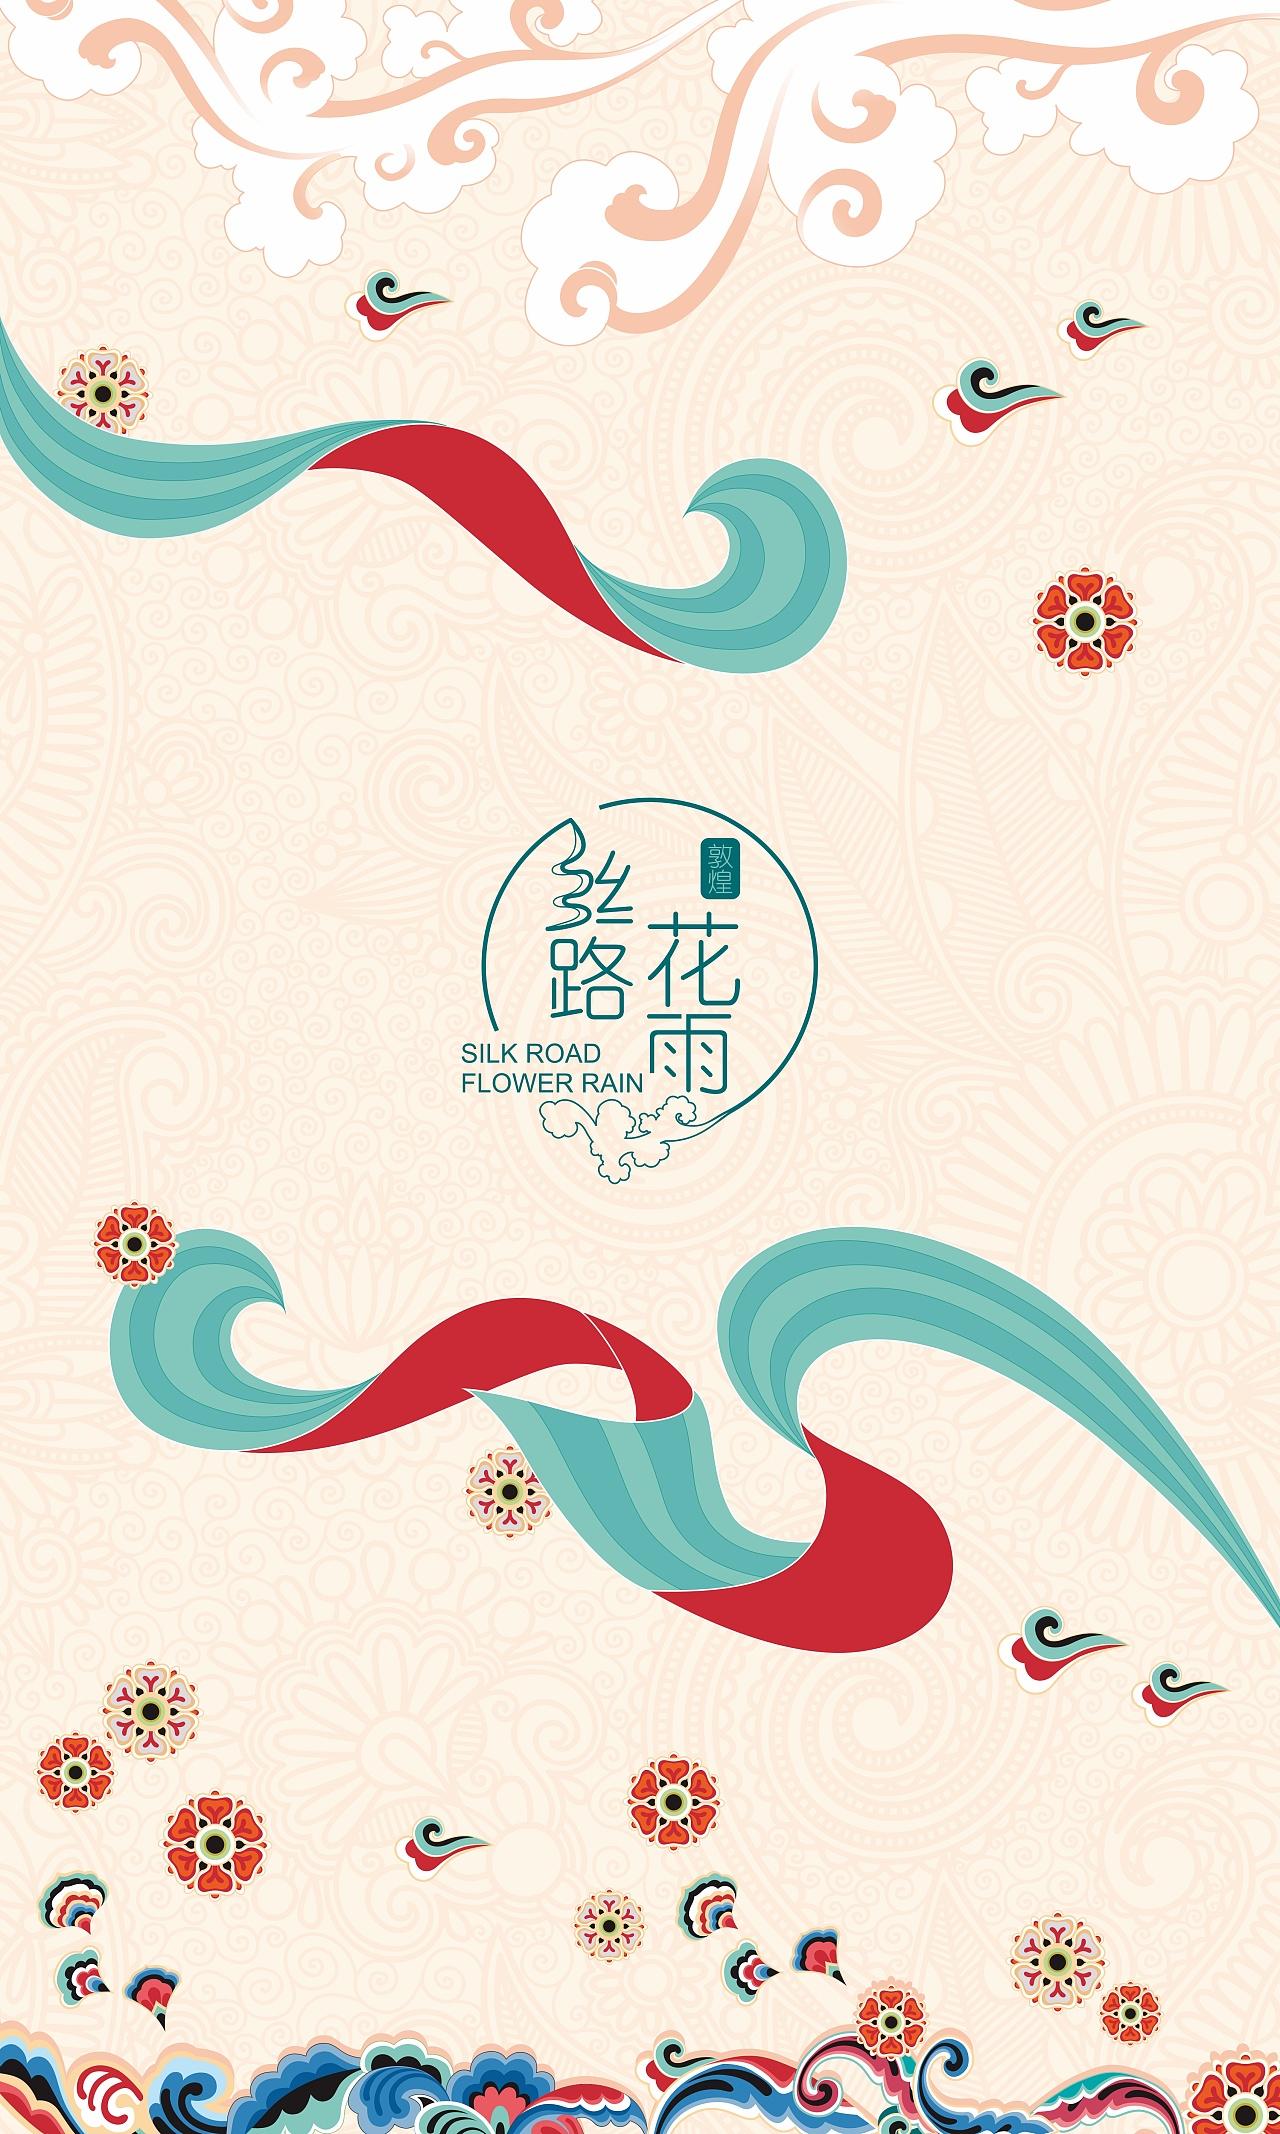 敦煌文化 【丝路花雨】特产品牌设计图片